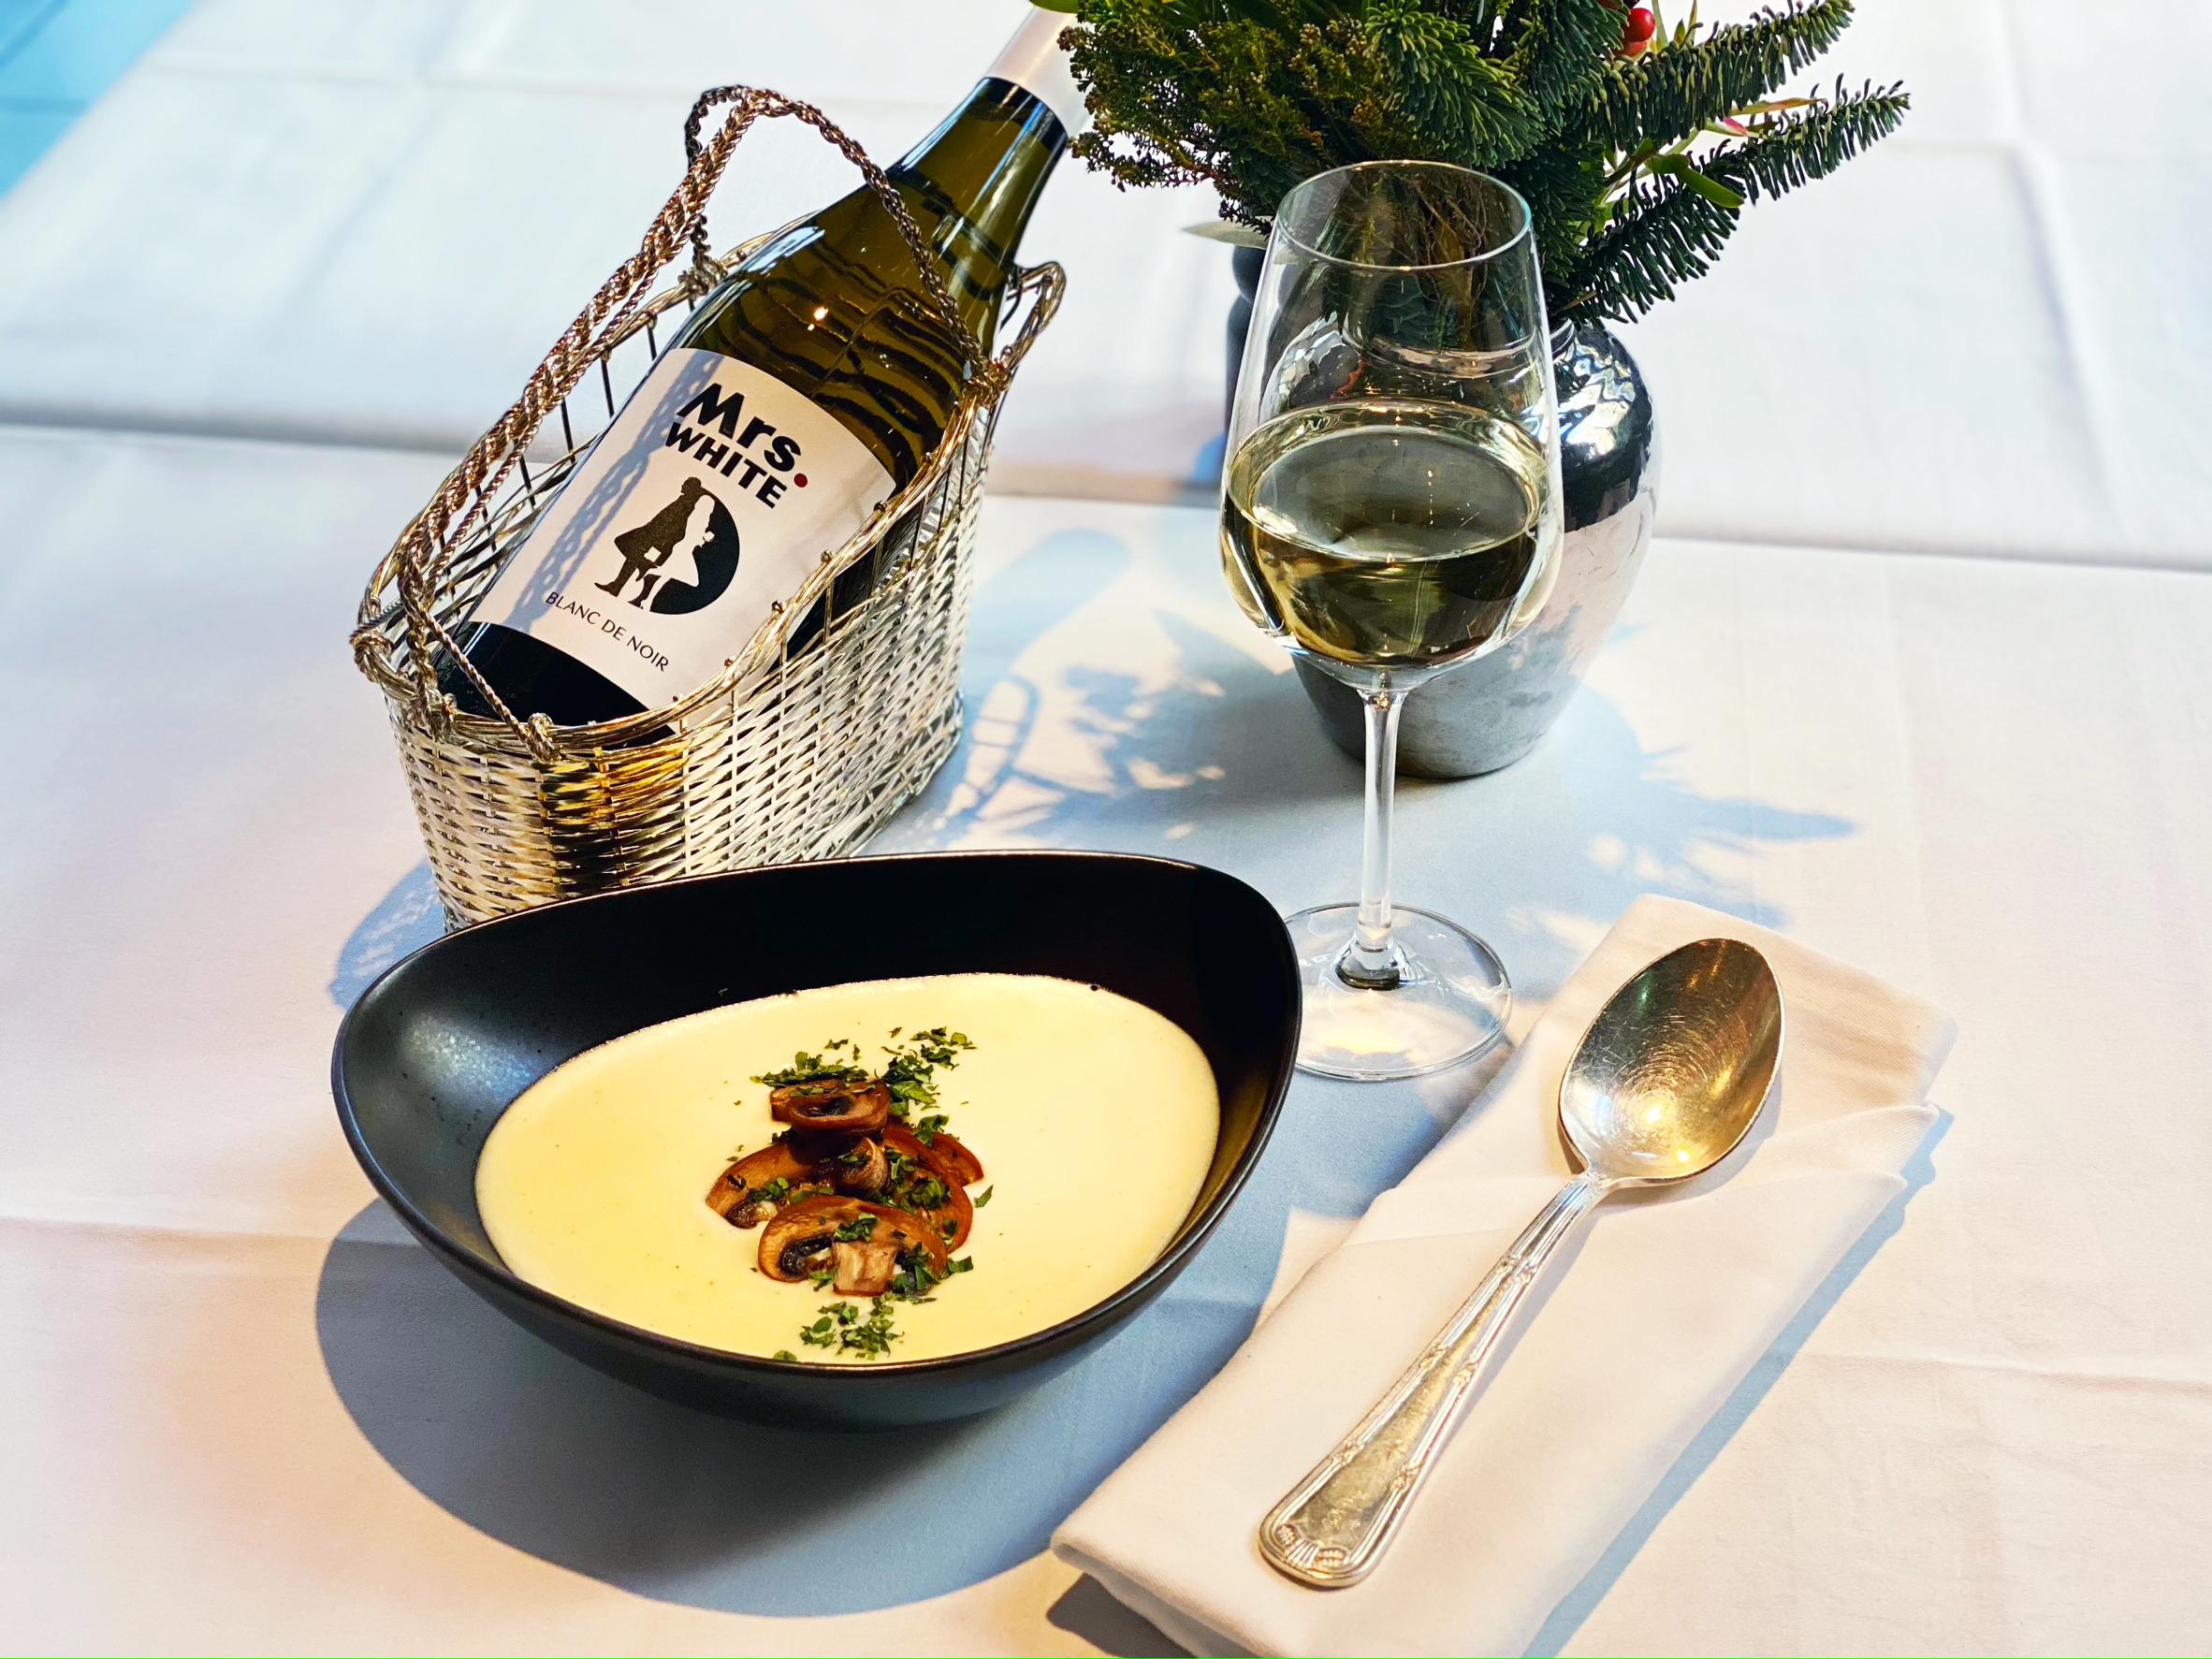 Bissfest - Der Kochcast, Kartoffelsuppe, Geröstete Kartoffelsuppe, Podcast, Rezept, Wein, Blanc de Noir, Mrs. White